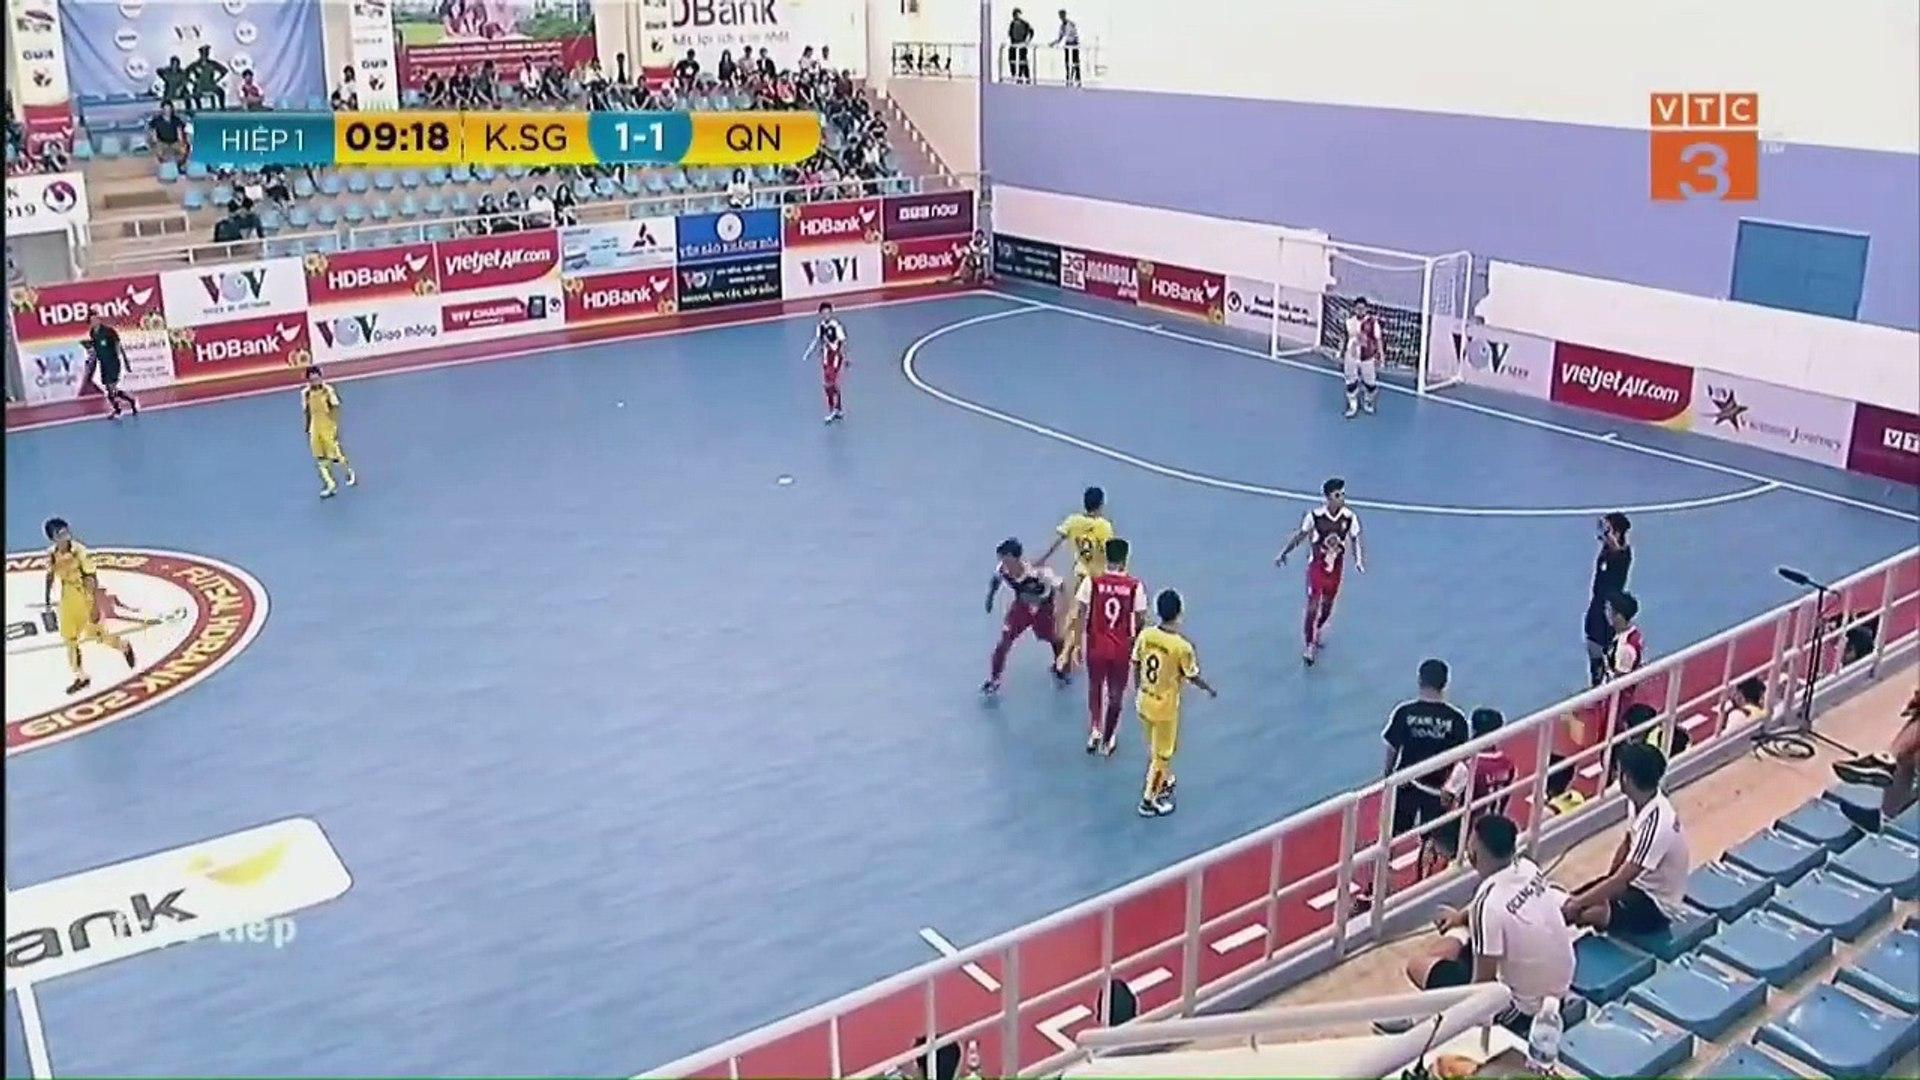 Trực Tiếp | Kardichain Sai Gon FC - Quảng Nam |VCK VĐQG FUTSAL HD BANK 2019| VFF Channel